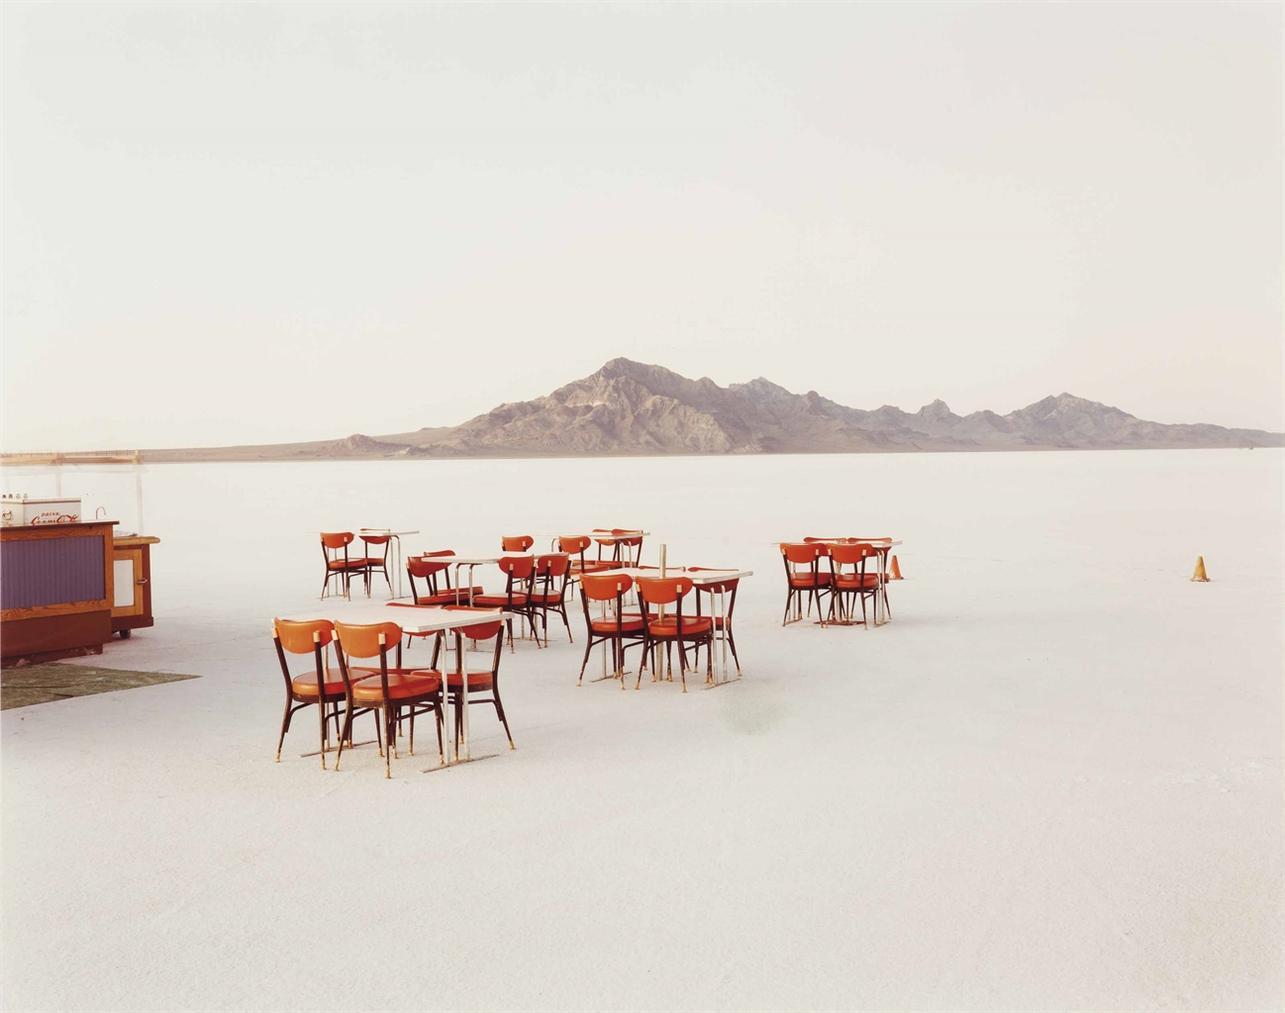 Richard Misrach-Outdoor Dining, Bonneville Salt Flats-1992